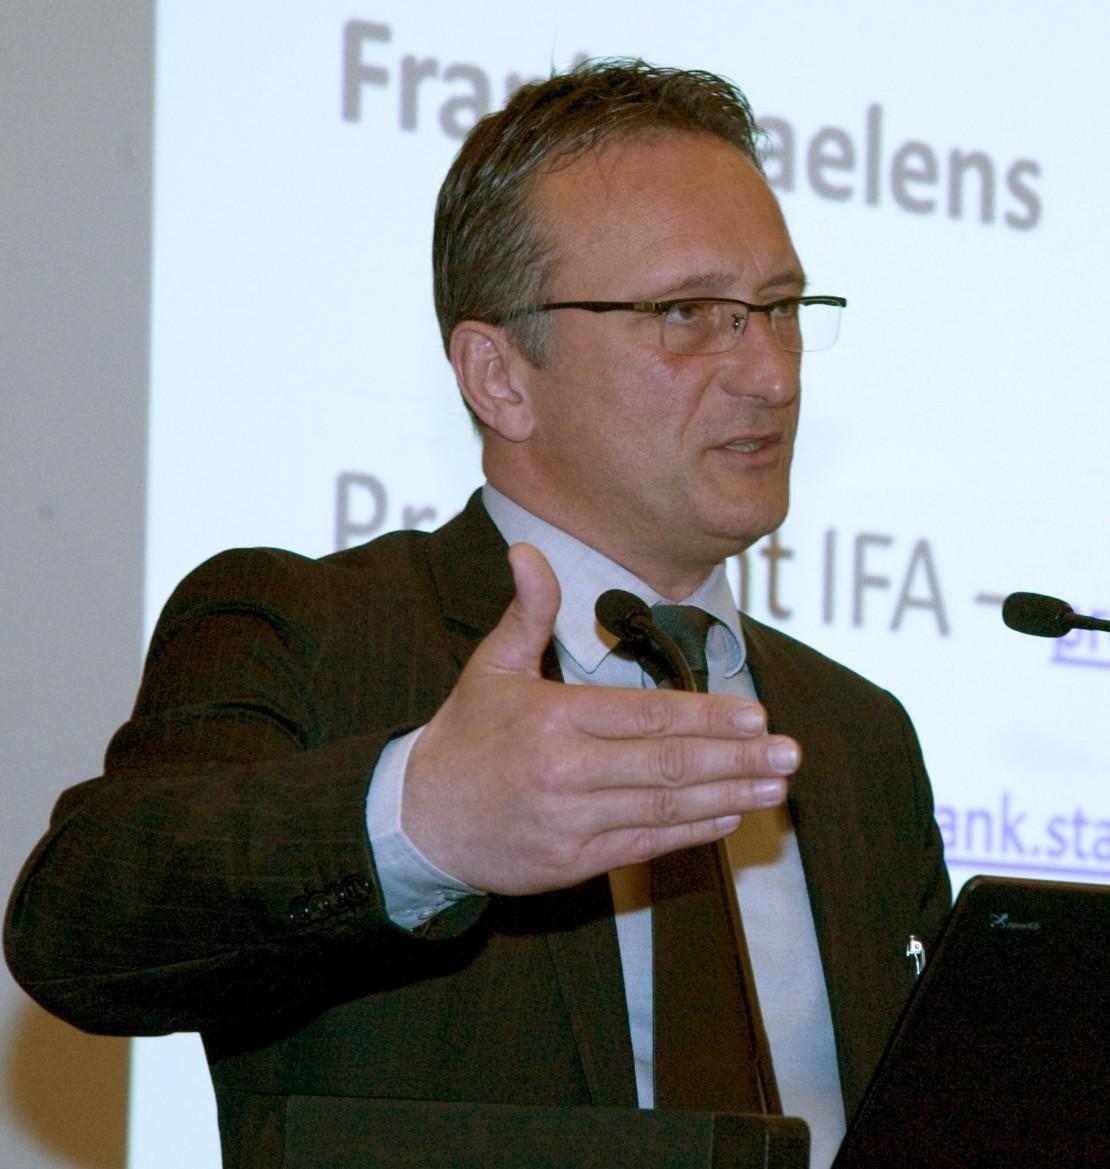 Frank Staelens2